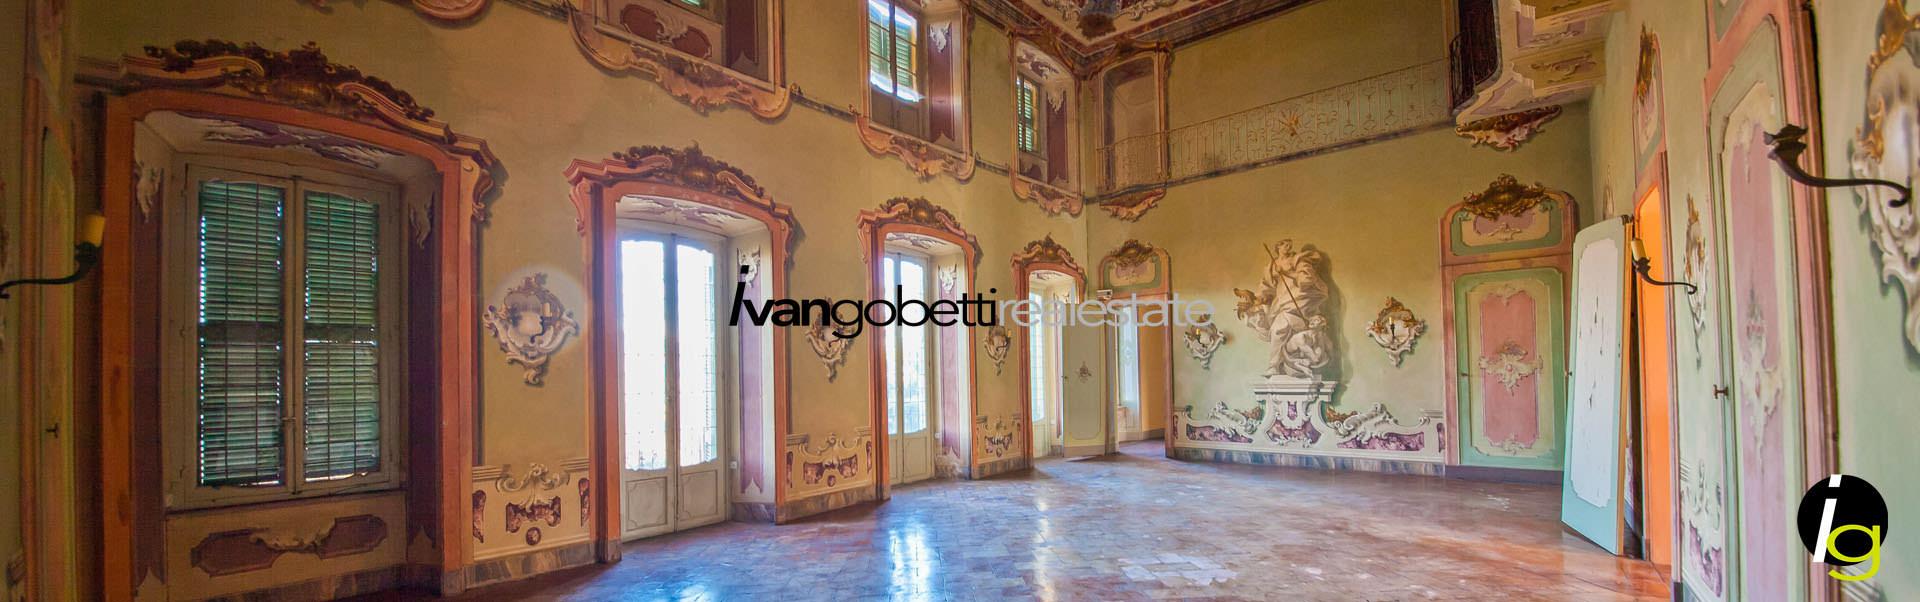 Италия Озеро Варезе, продаётся Замок